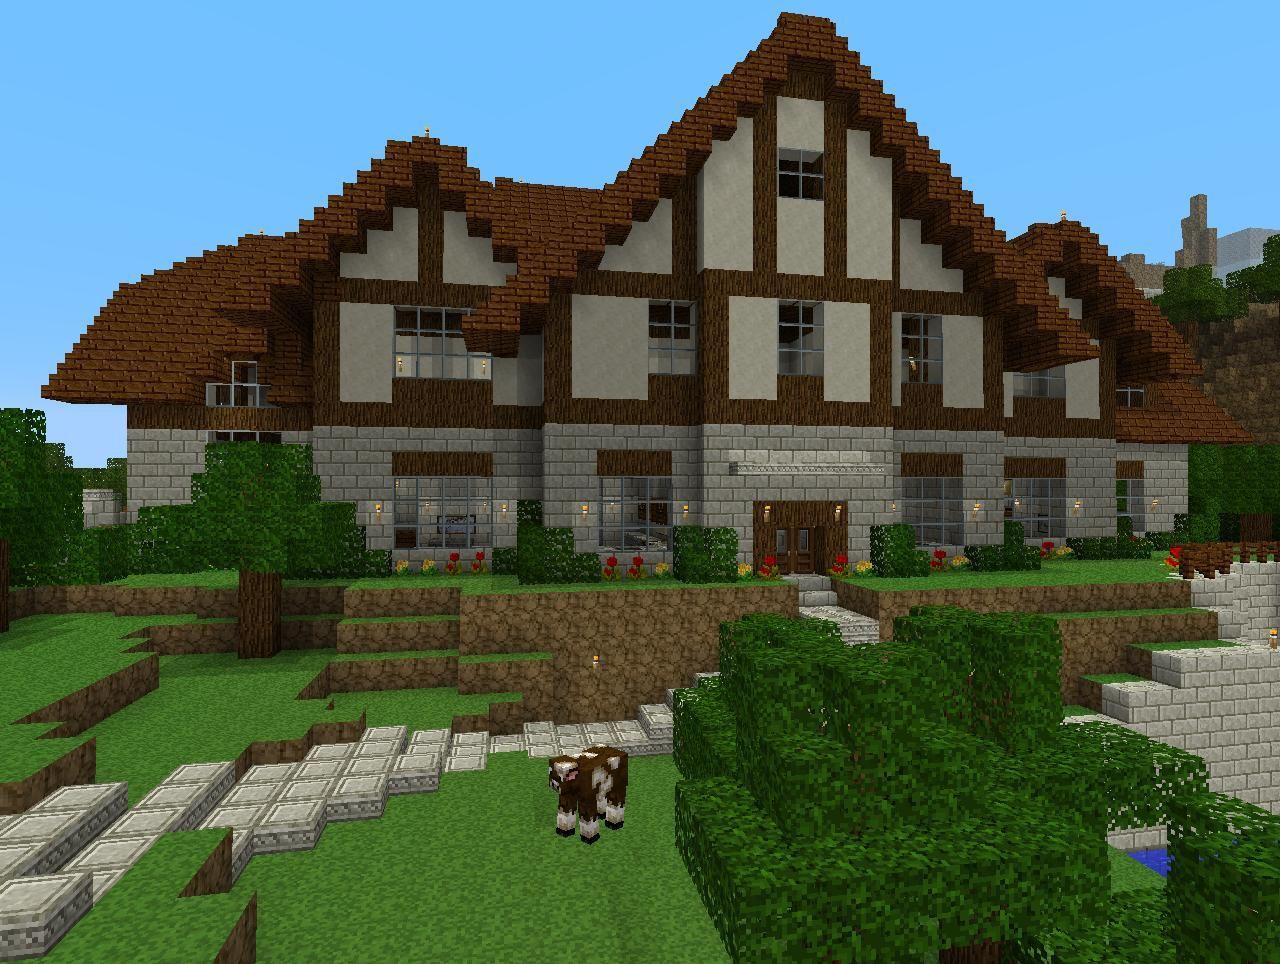 minecraft world 3 mansion prototype jpg972 1280 - Biggest Minecraft House In The World 2017